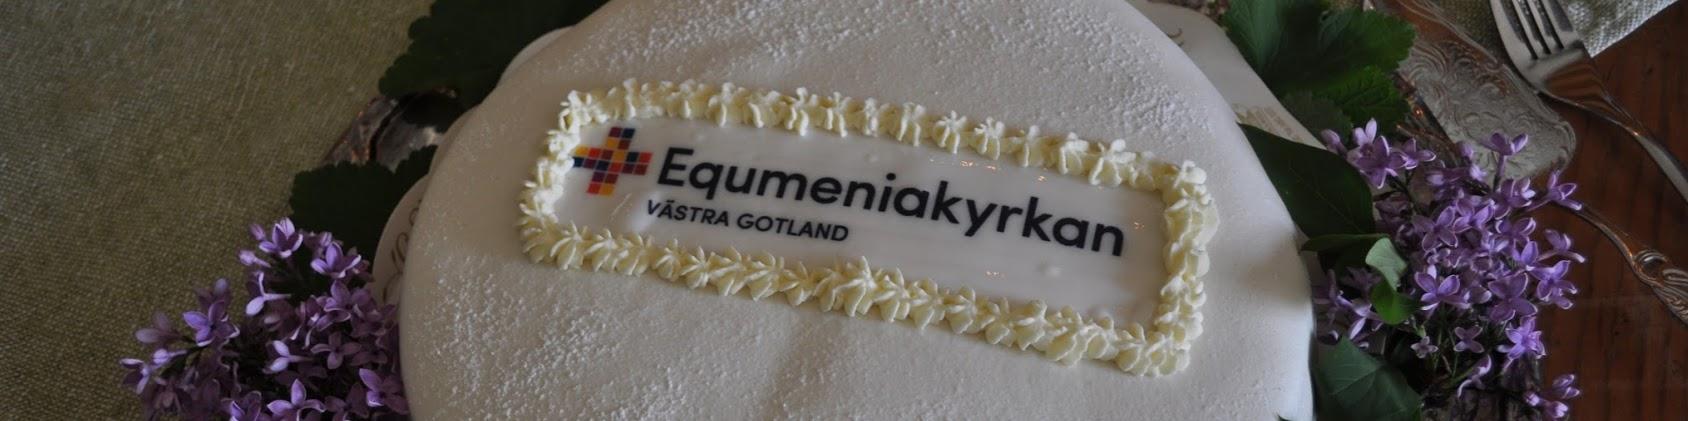 Tårta logo Equmeniakyrkan Västra Gotland